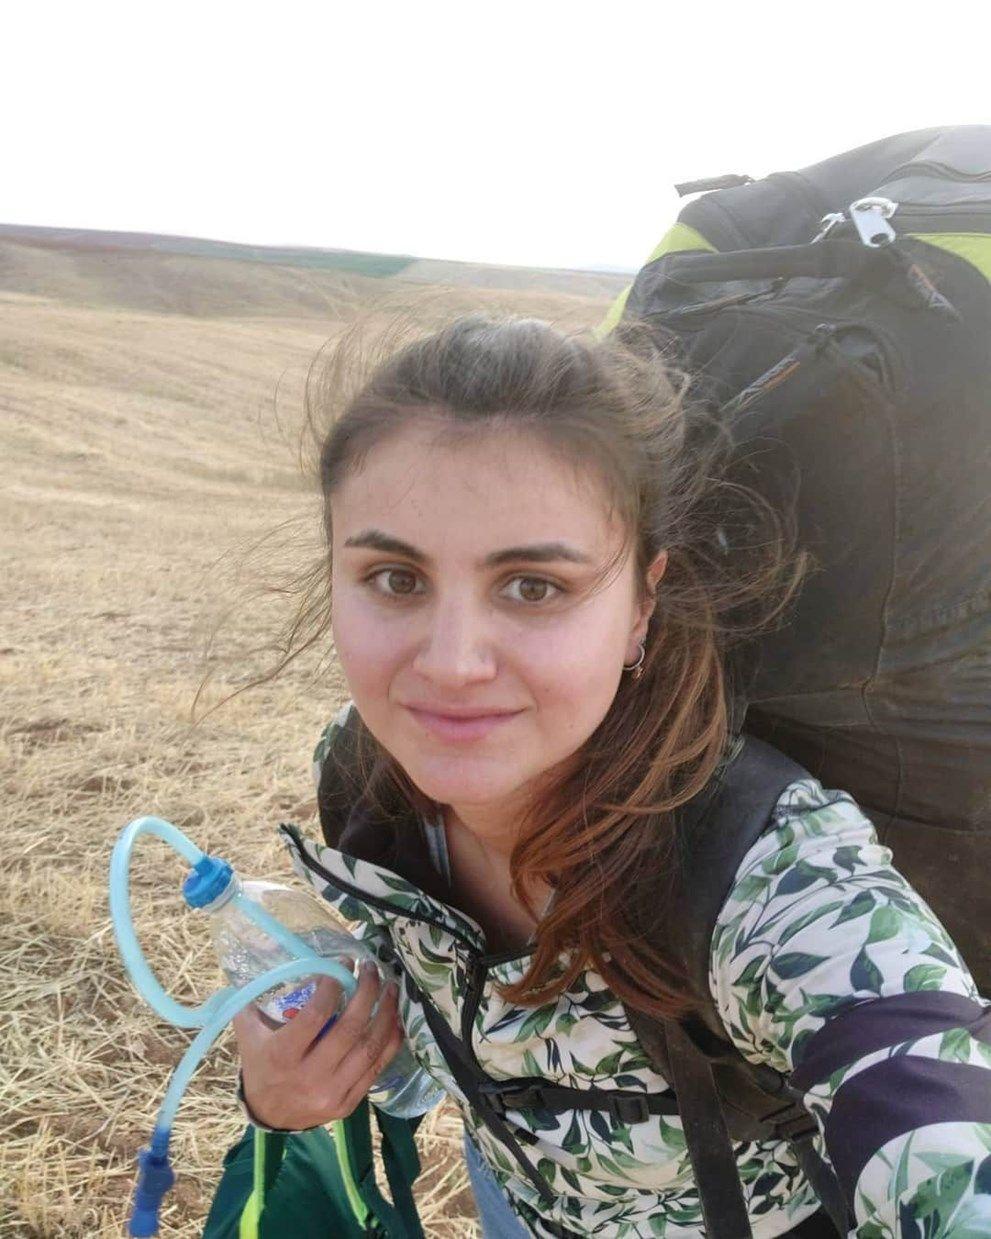 Yamaç paraşütü sporcusu Gülşah Hoş'tan rekor uçuş - Sayfa 2